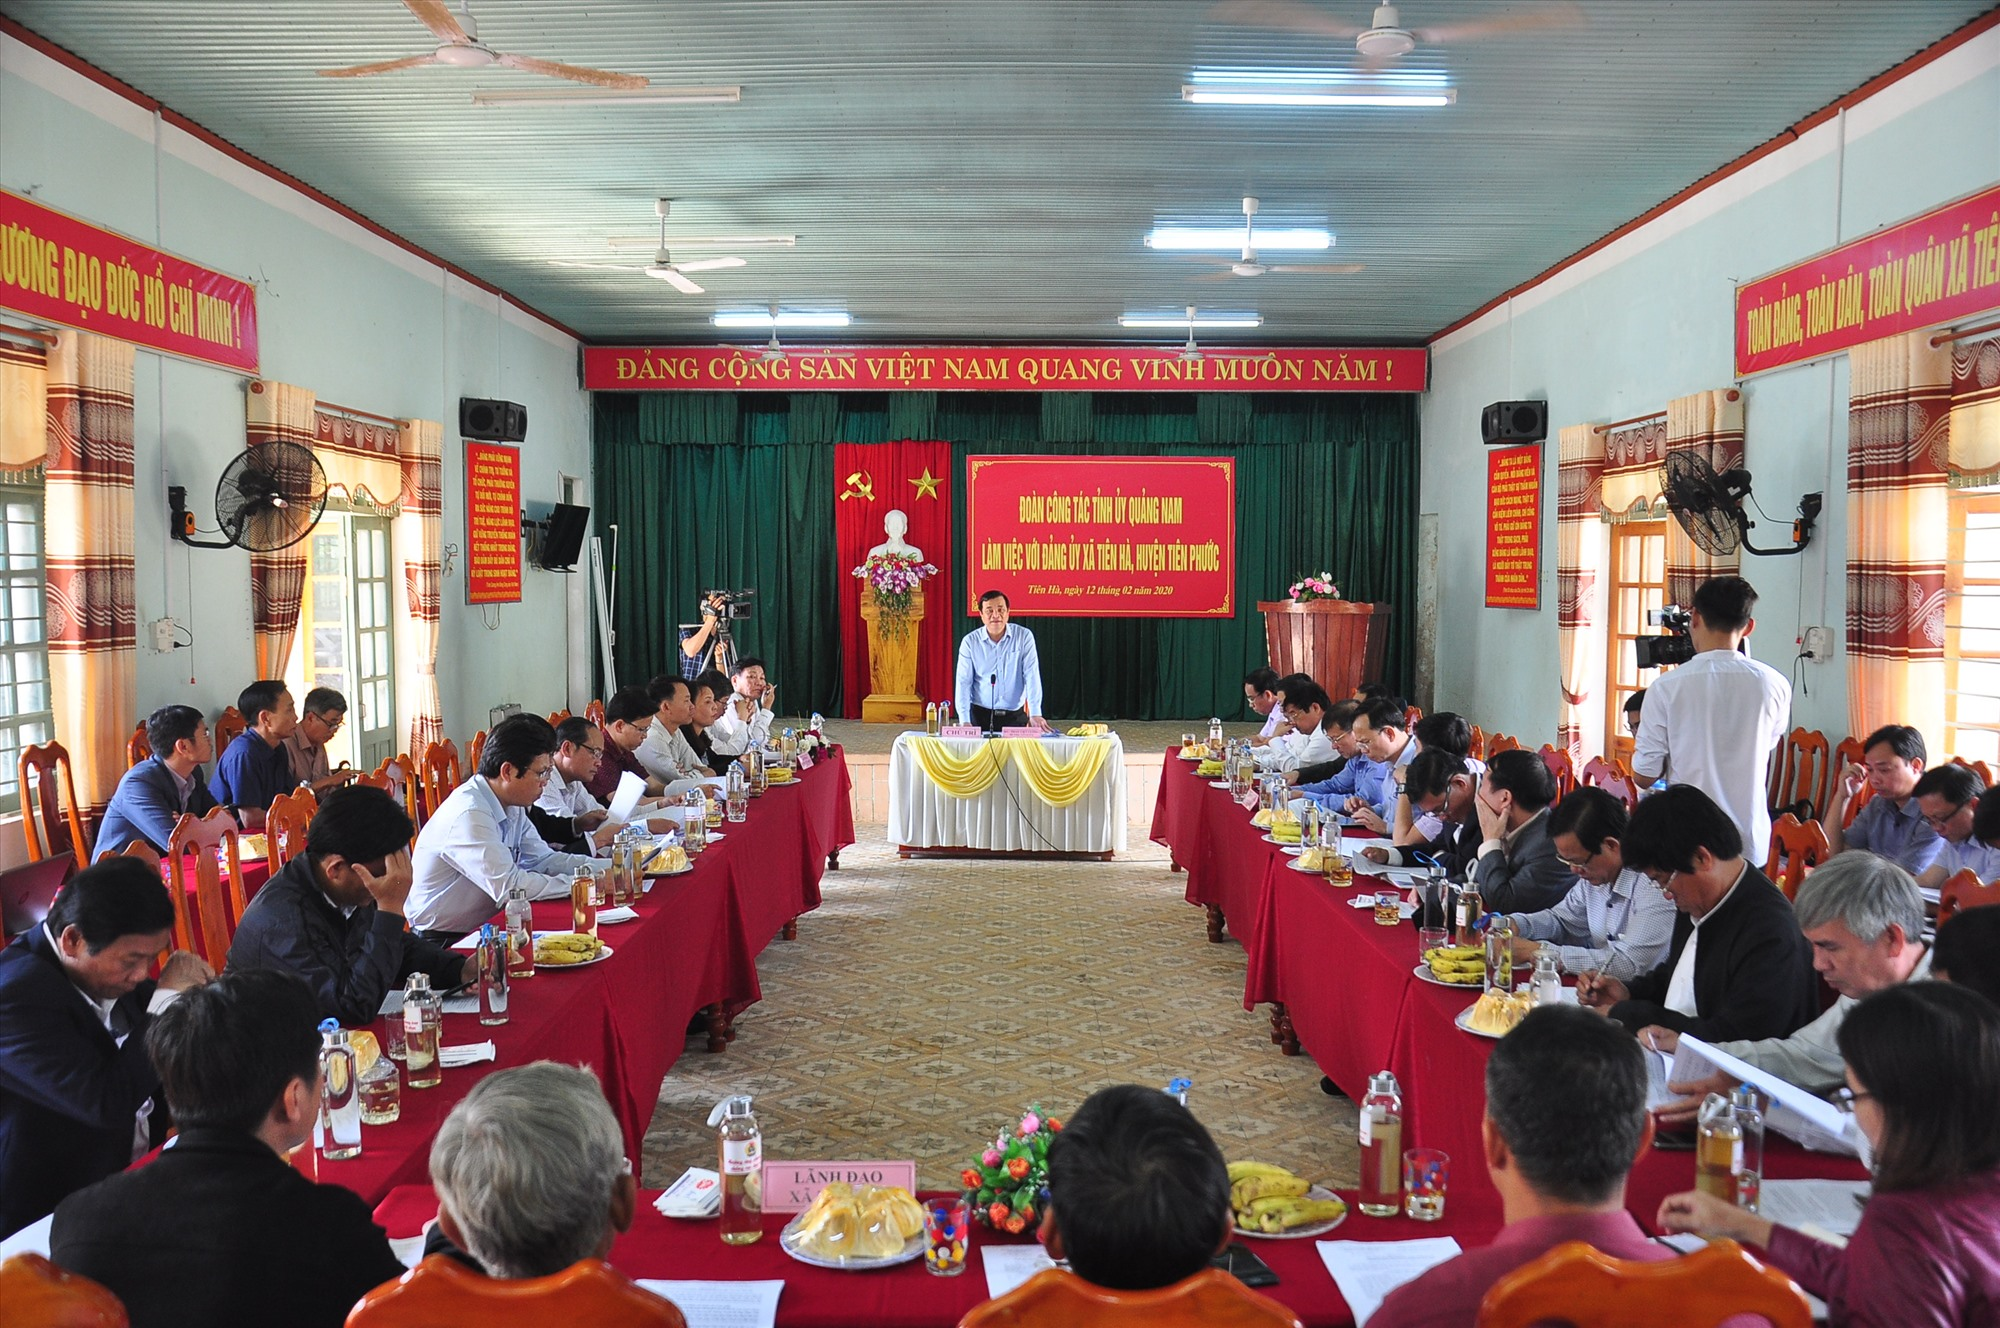 Đoàn công tác của Tỉnh ủy làm việc với Đảng ủy xã Tiên Hà. Ảnh: VINH ANH